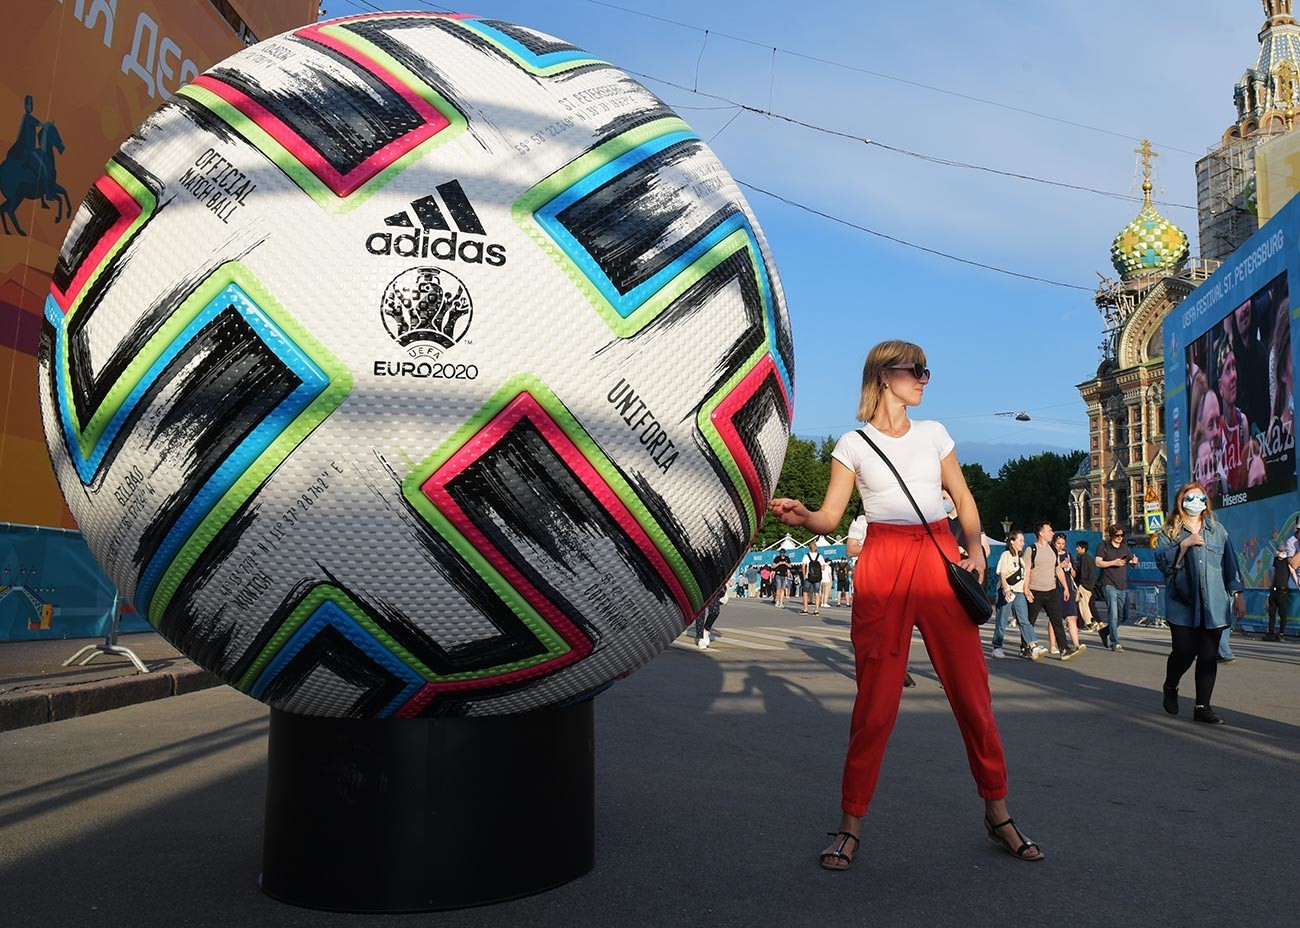 """Девојка се фотографира во близина на копија на официјалната топка на Европското фудбалско првенство 2020 во фан-зоната на плоштадот """"Коњушенаја"""" во Санкт Петербург."""